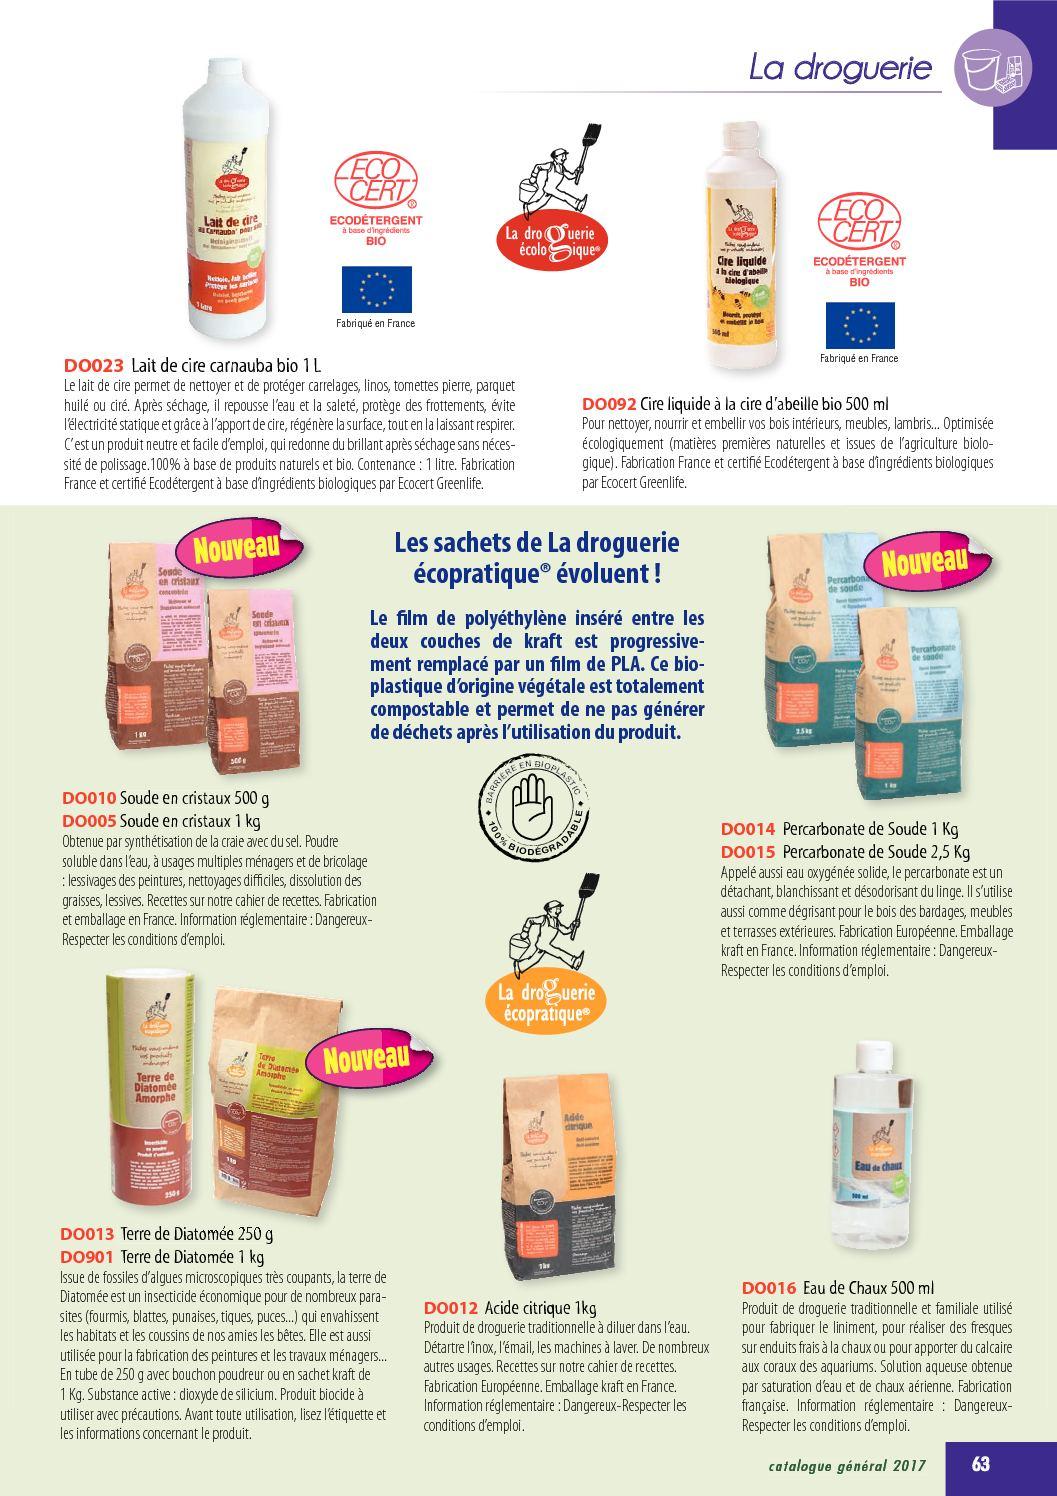 Percarbonate De Sodium Pour Terrasse Bois catalogue general 2017 - calameo downloader